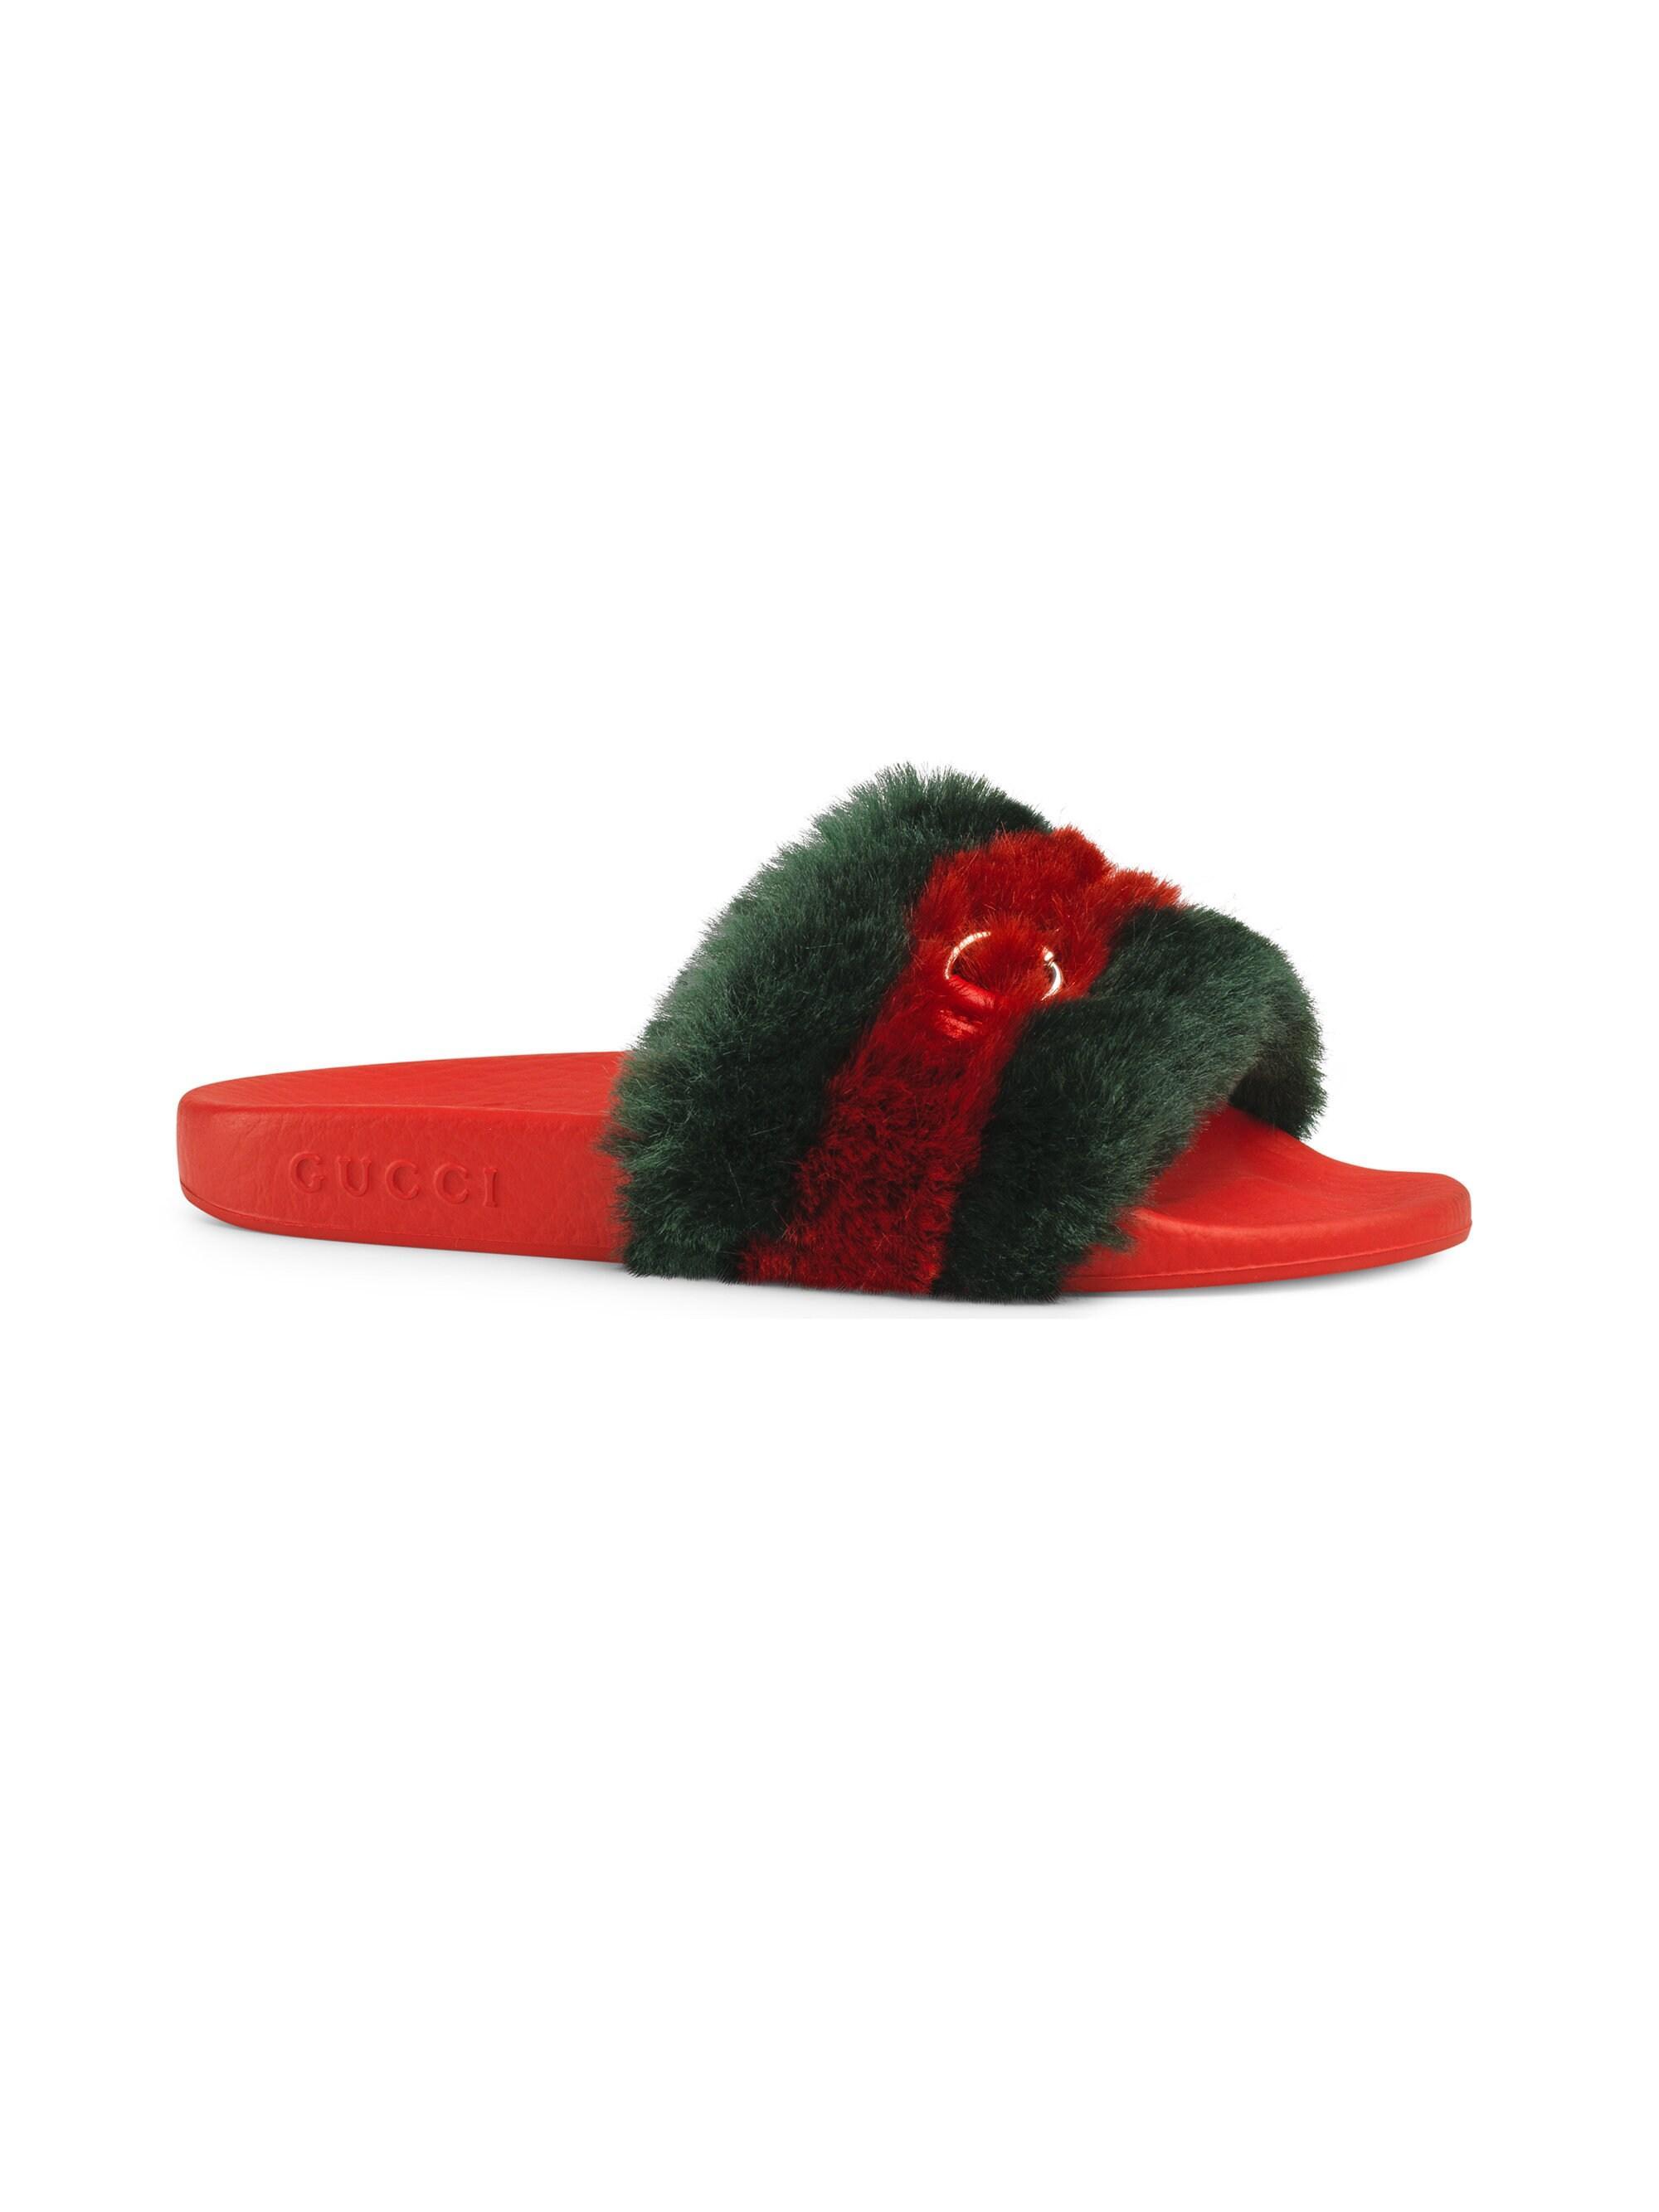 59de56c272e Lyst - Gucci Girl s Pursuit Faux Fur Slide Sandals in Red